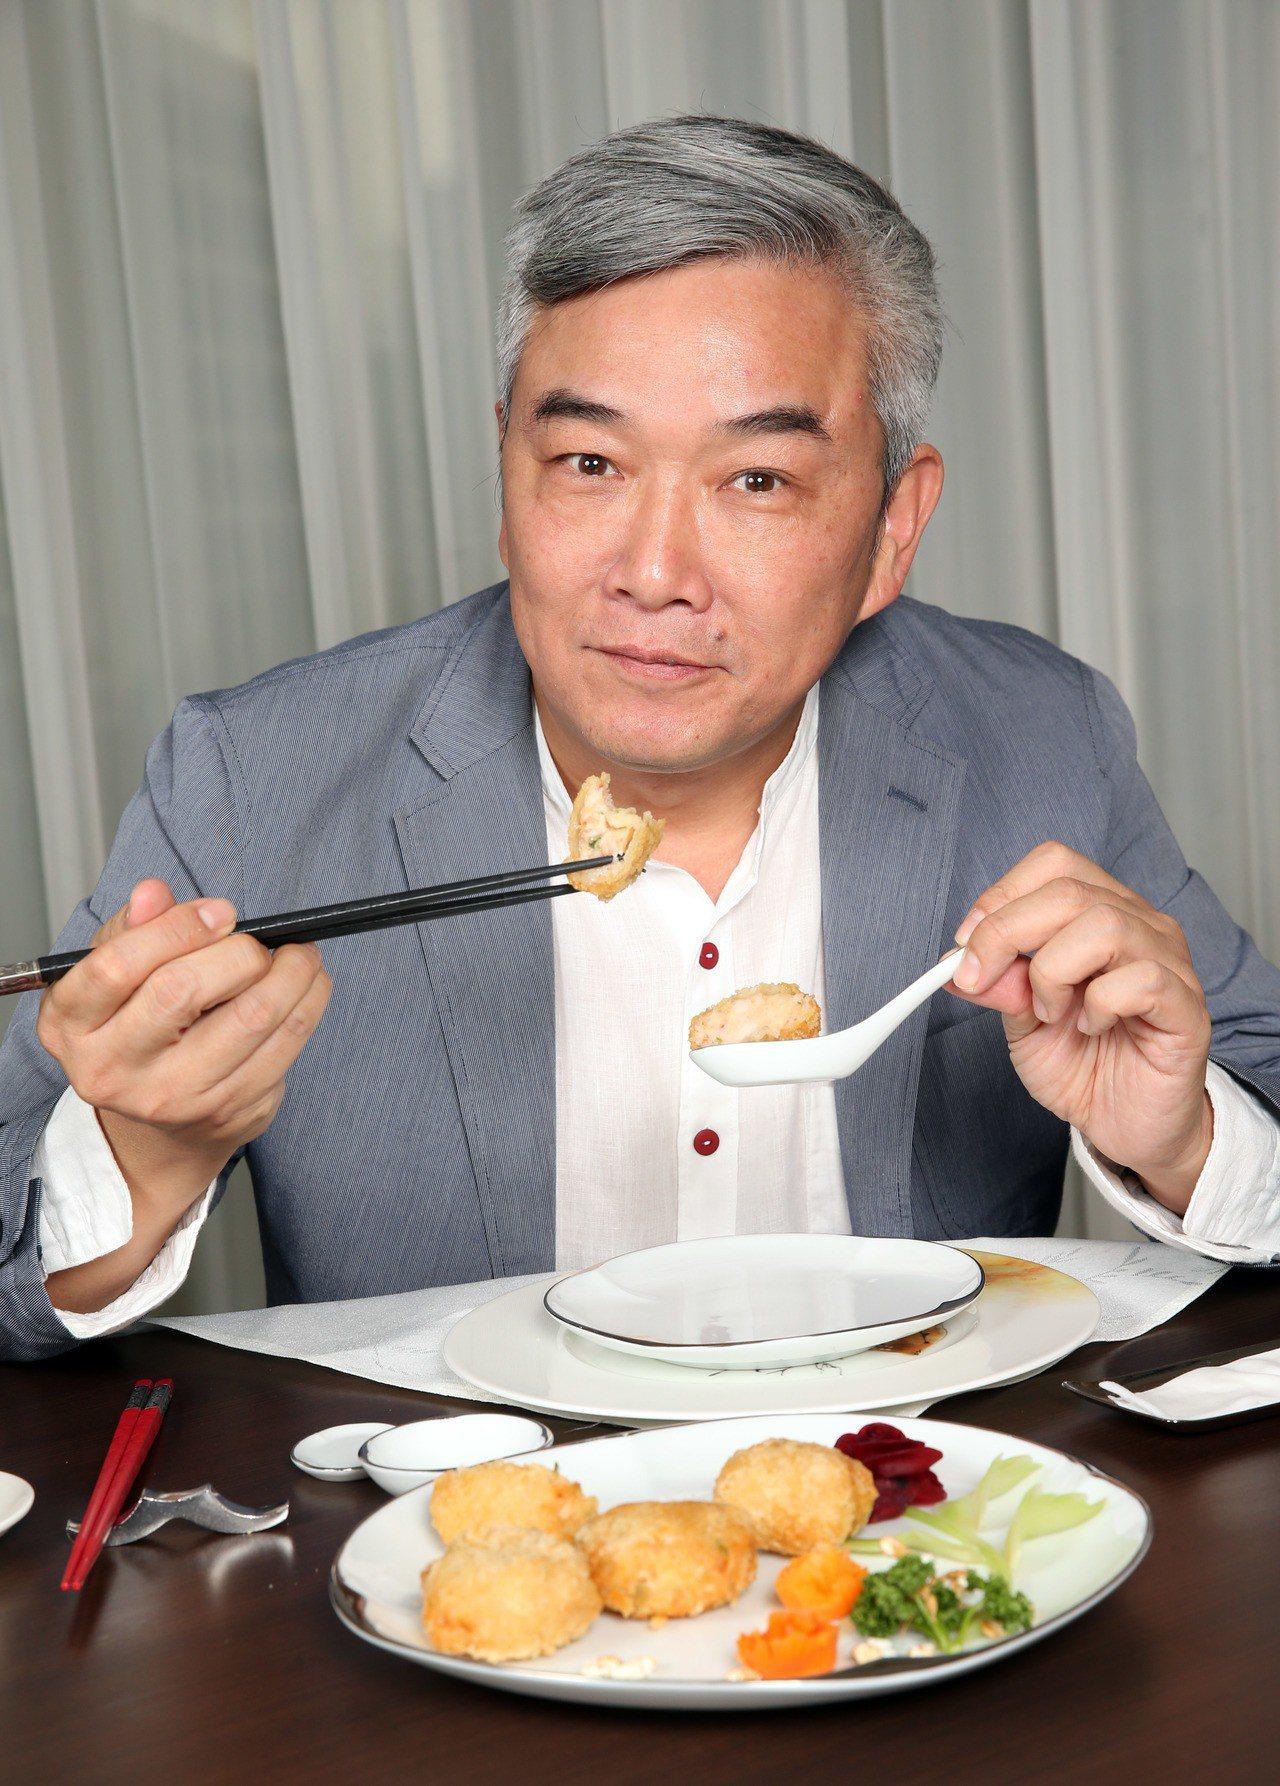 焦志方是知名美食節目主持人。圖/聯合報系資料照